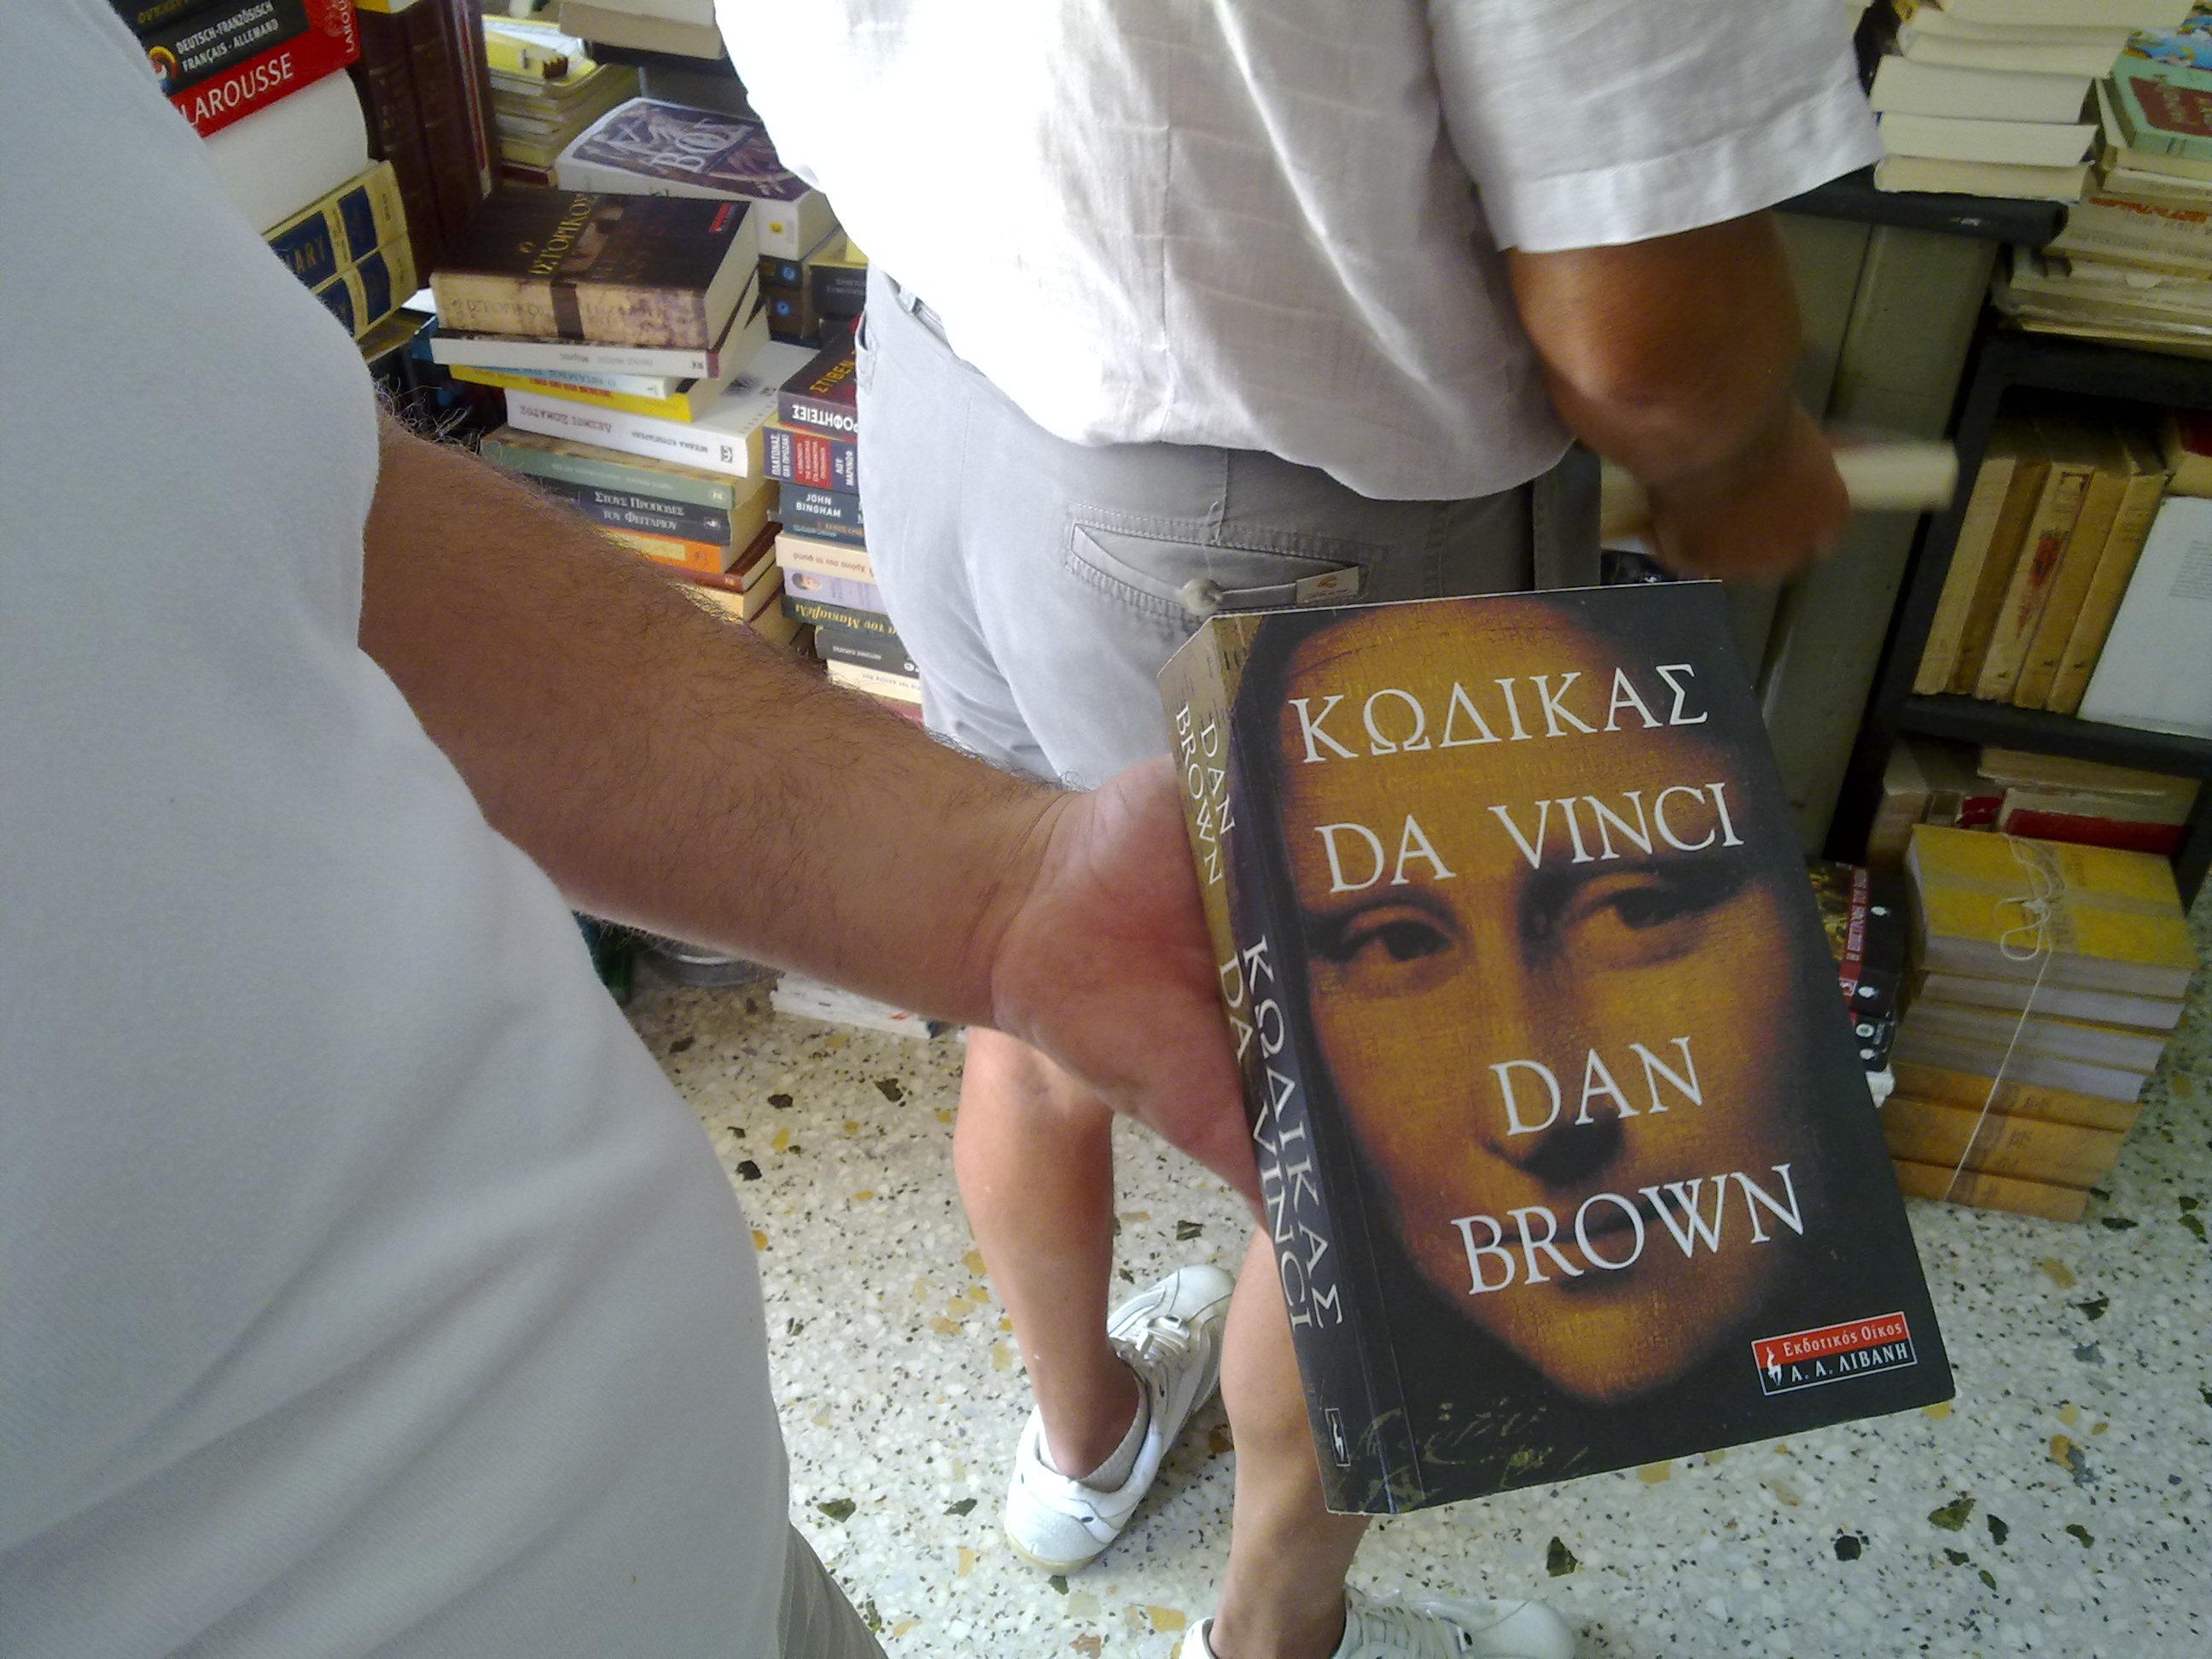 Το συγκεκριμένο βιβλίο το βρήκαμε να πωλείται μεταχειρισμένο σε άριστη κατάσταση 5 ευρω.Το ίδιο καινούργιο κοστίζει 22 ευρώ.